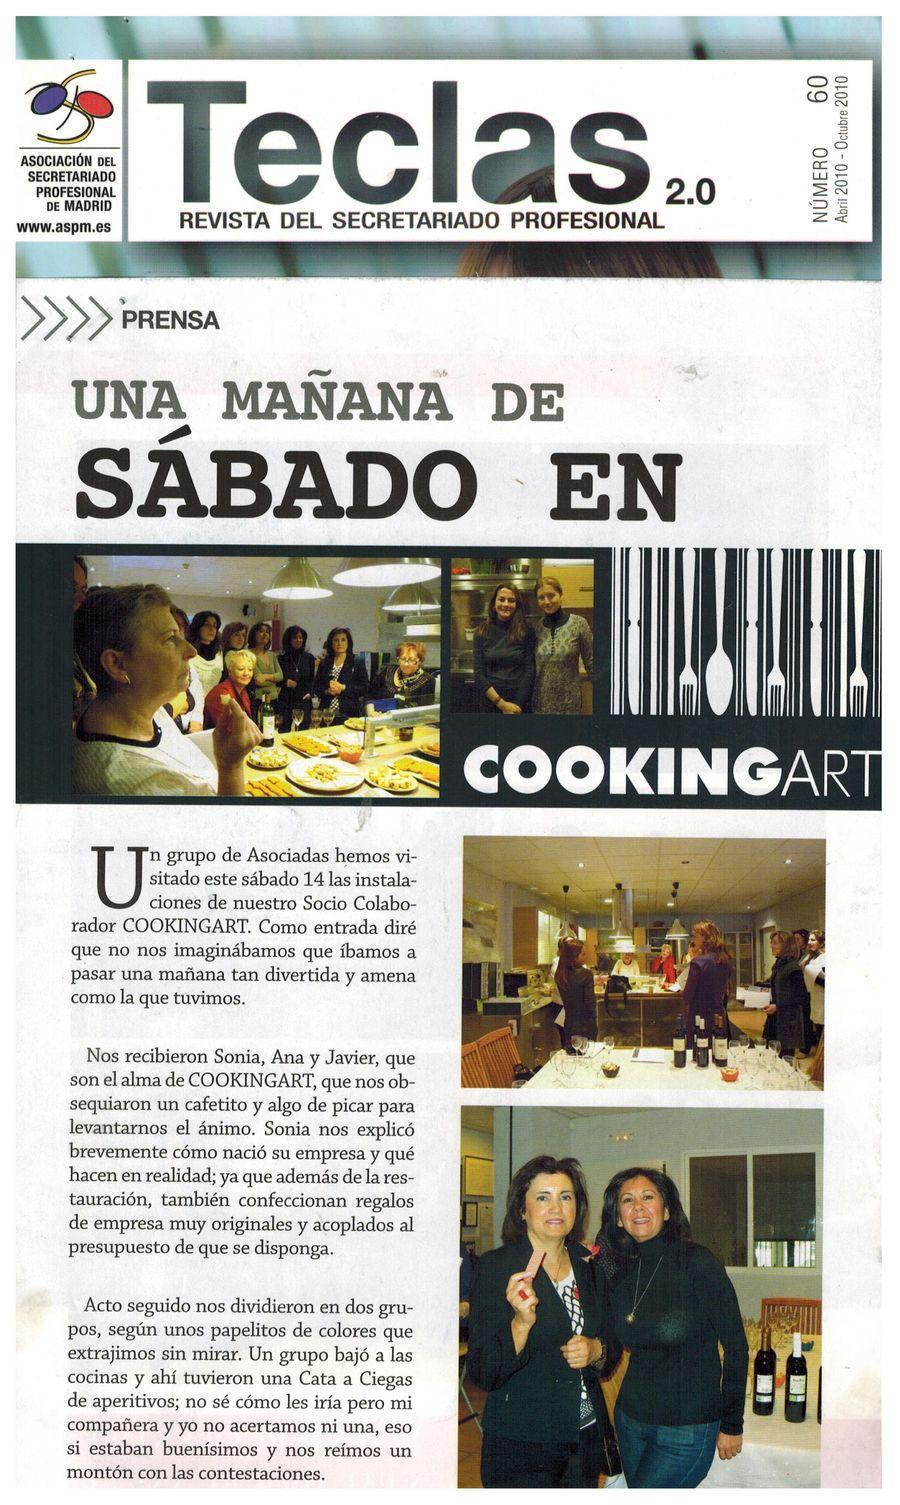 Revista TECLAS. Apariciones en prensa de COOKINGART Catering.